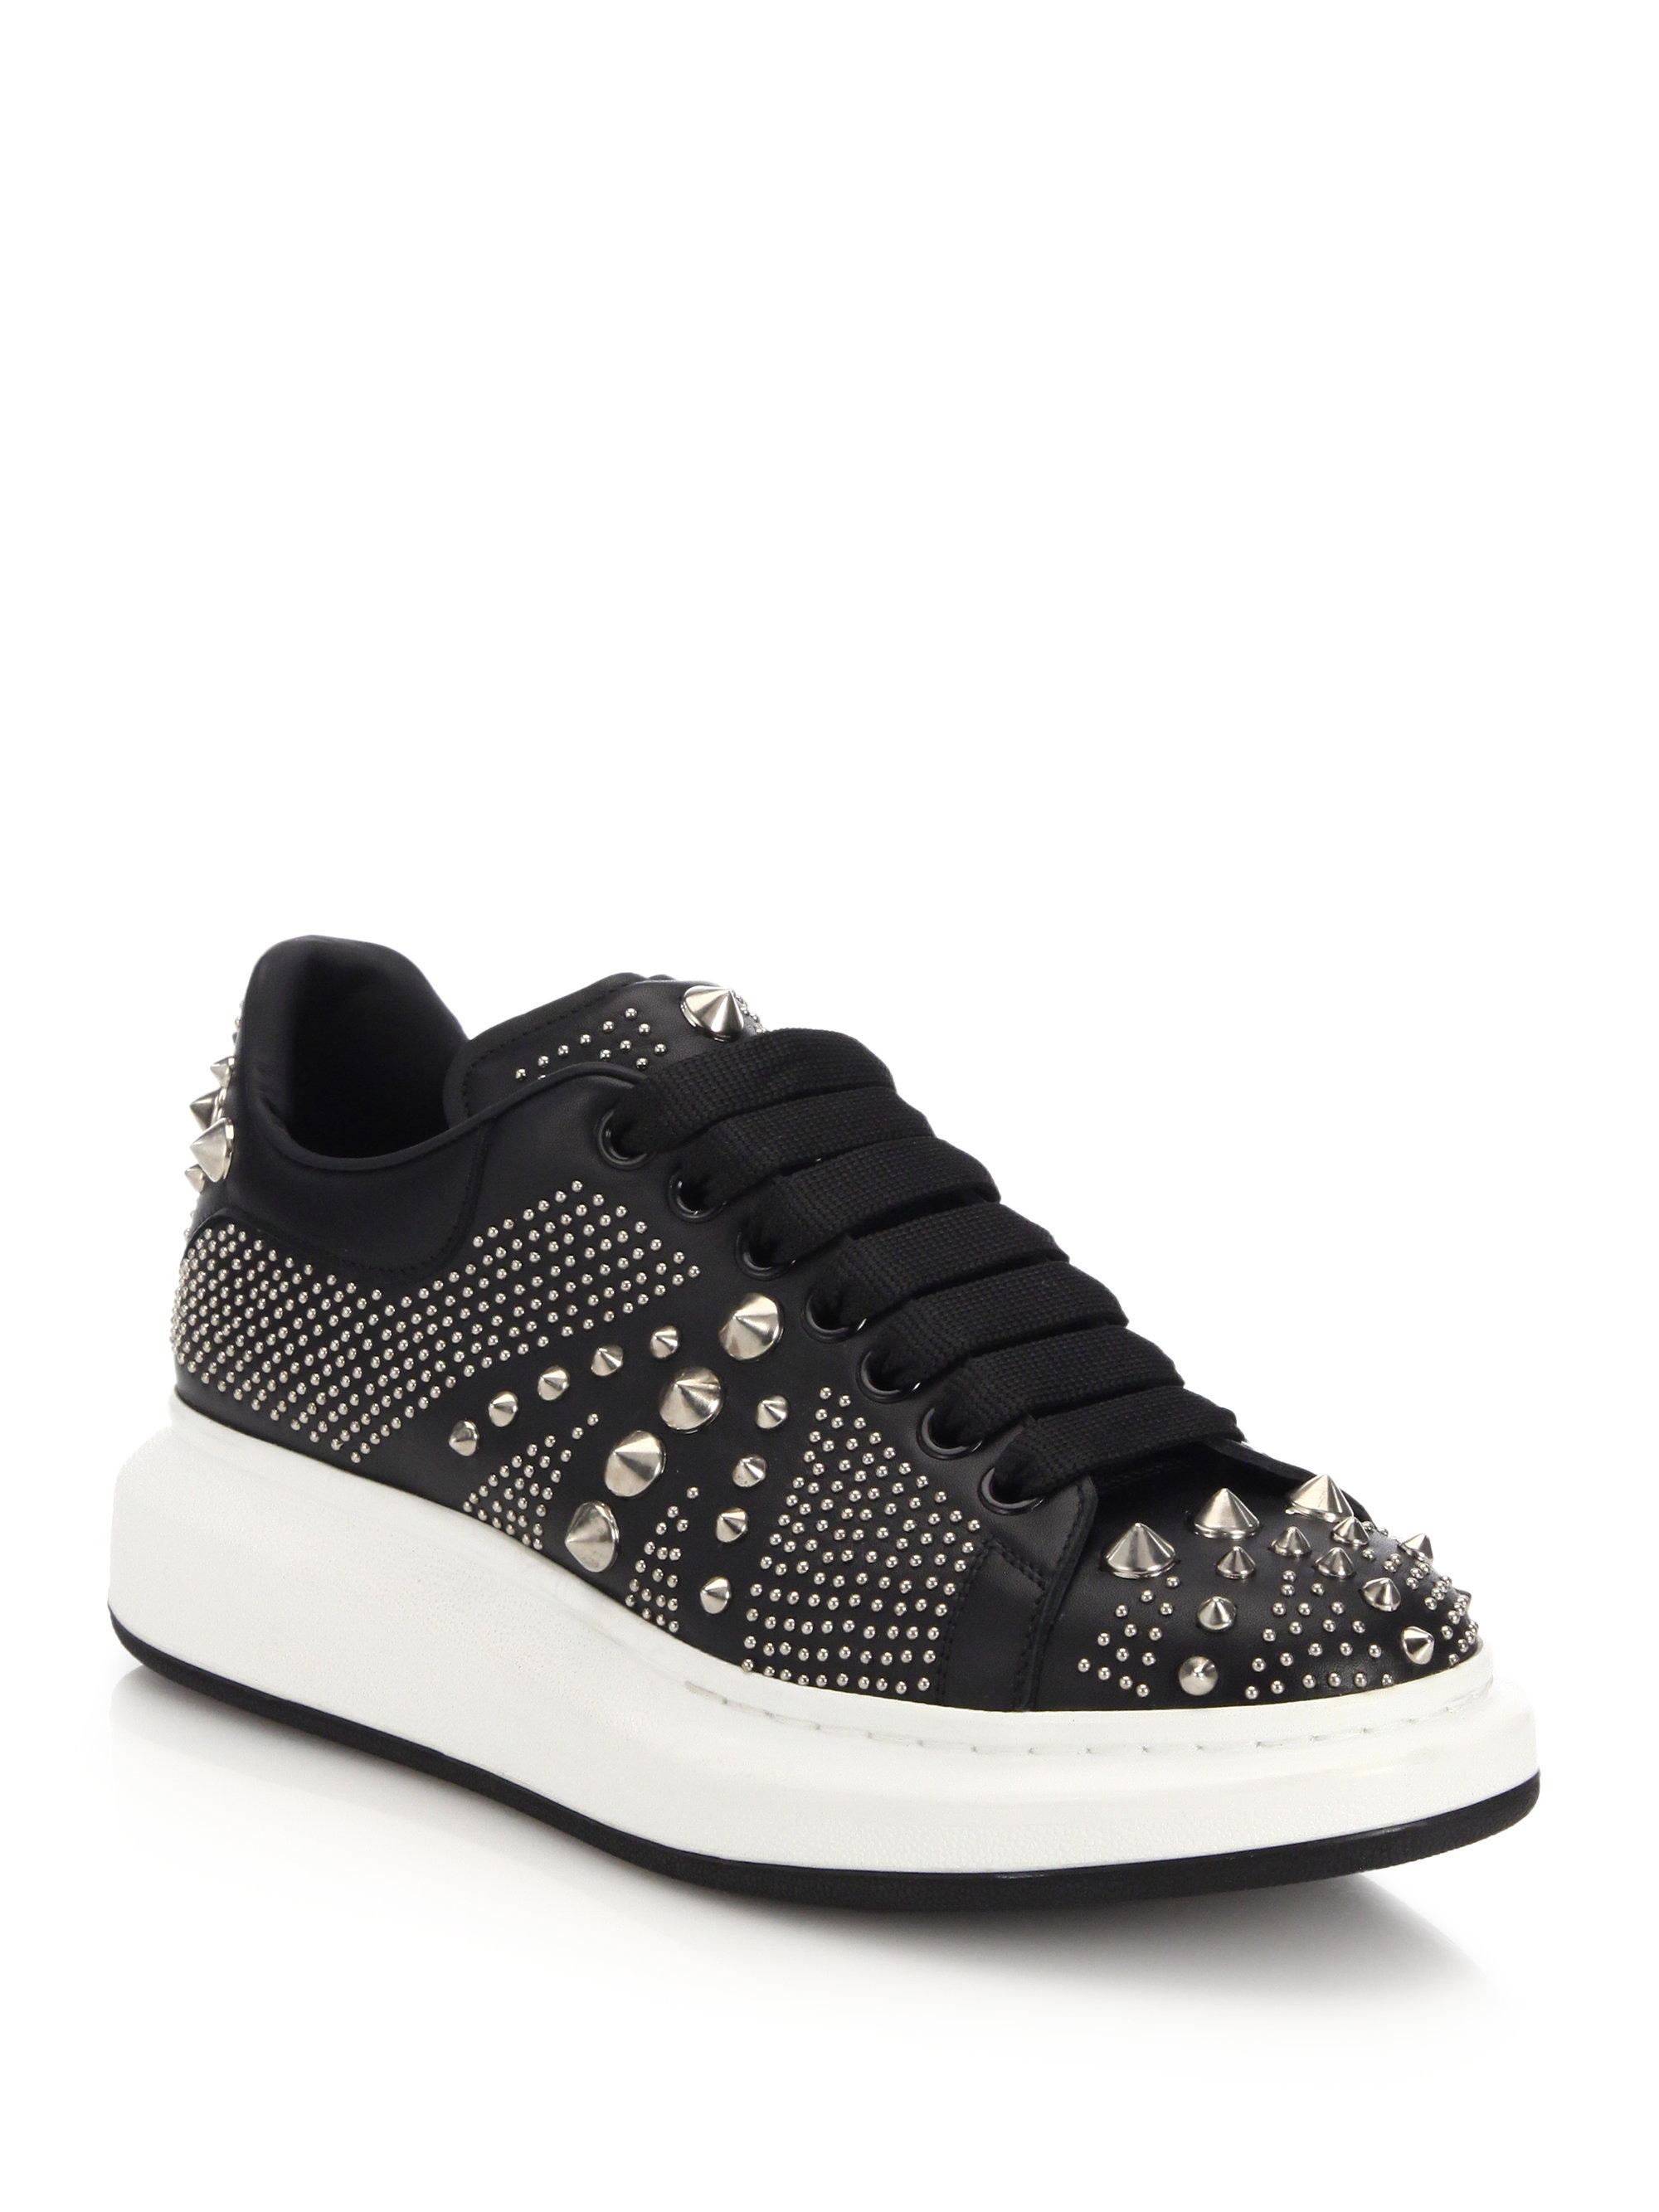 Studded leather sneakers Alexander McQueen 4IIDE73